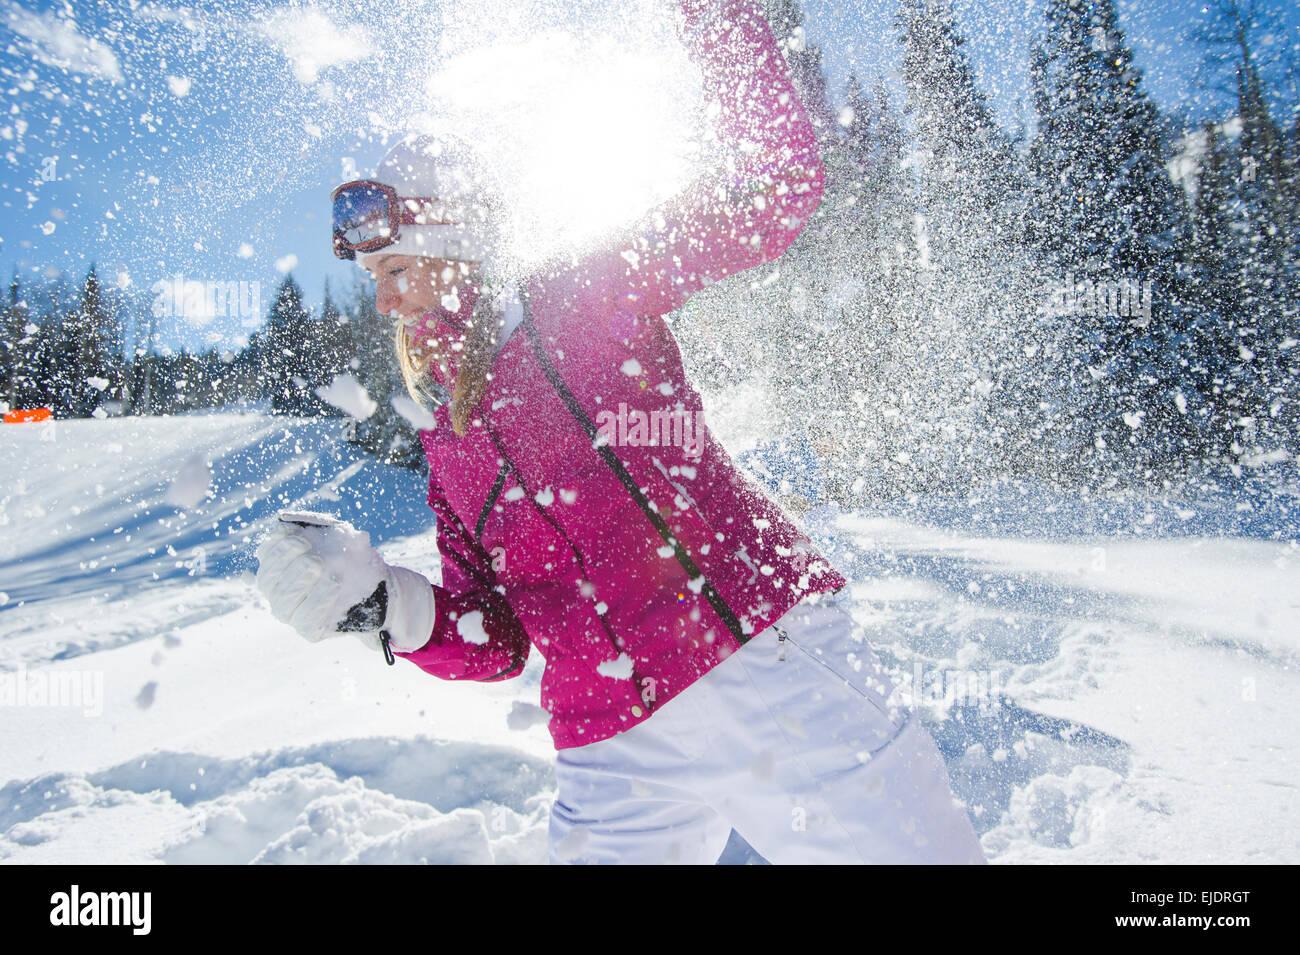 Una mujer que lucha de bola de nieve con tus amigos Imagen De Stock